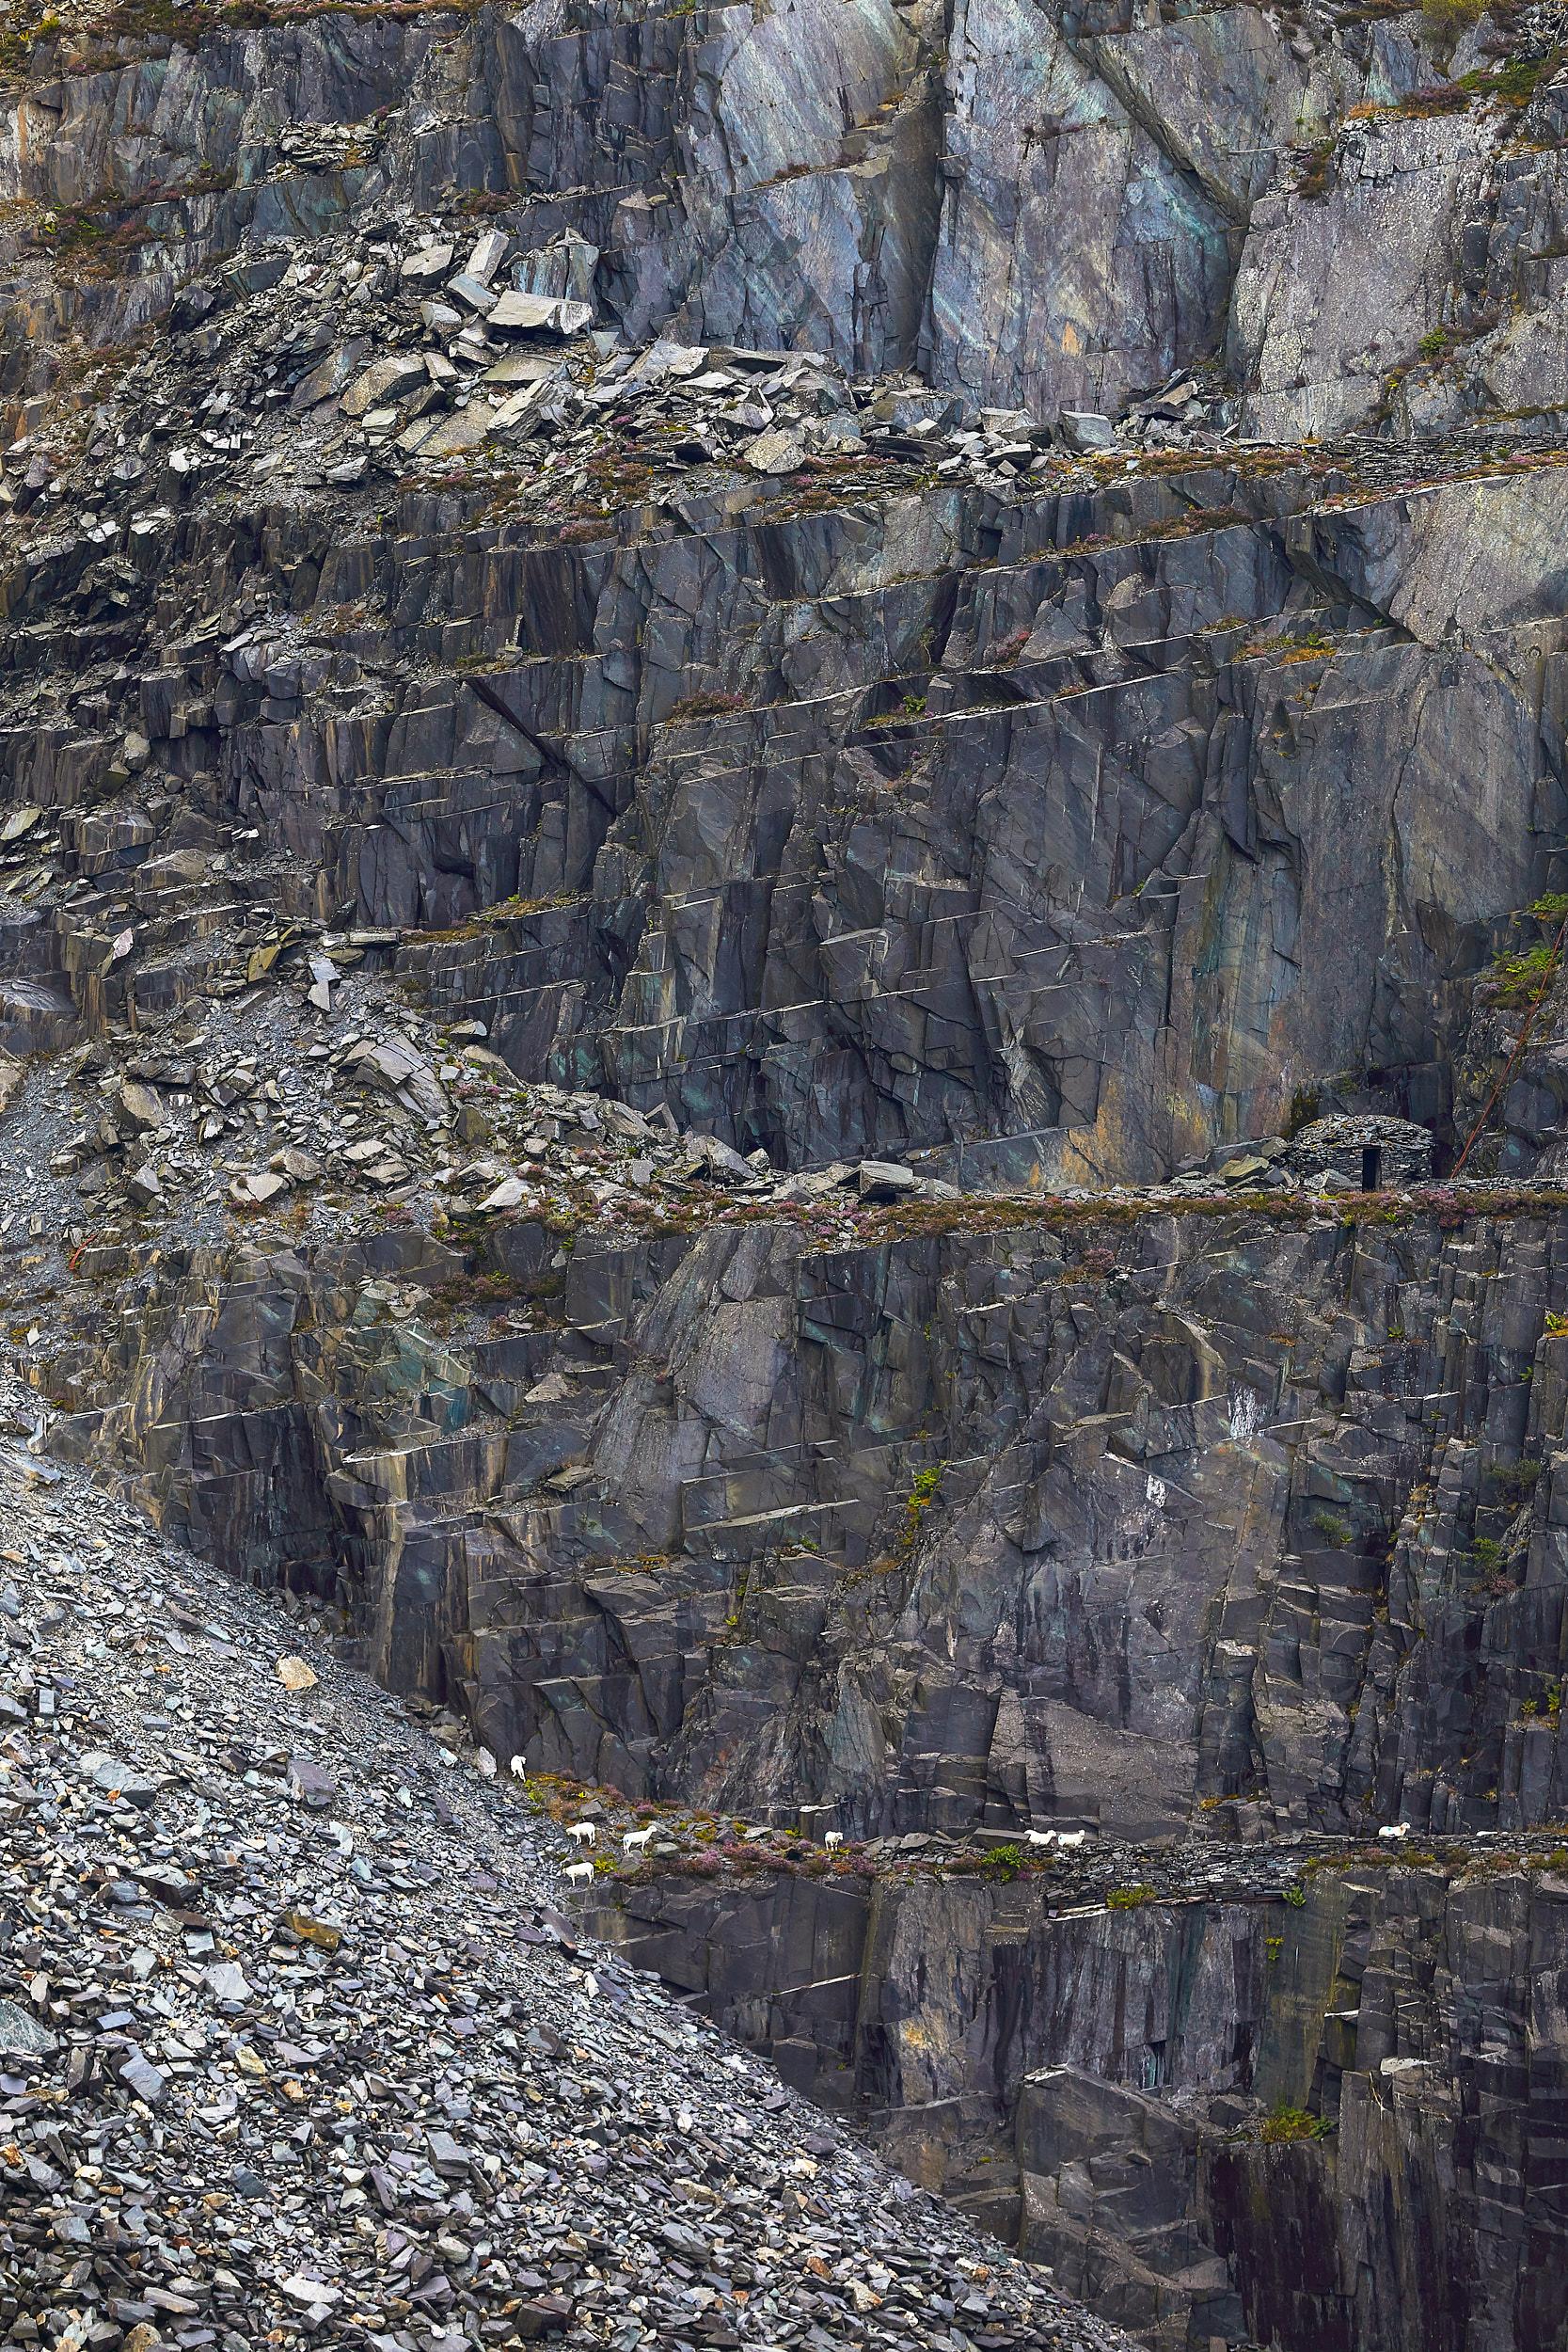 Visit-Wales-Finn-Beales-24.jpg